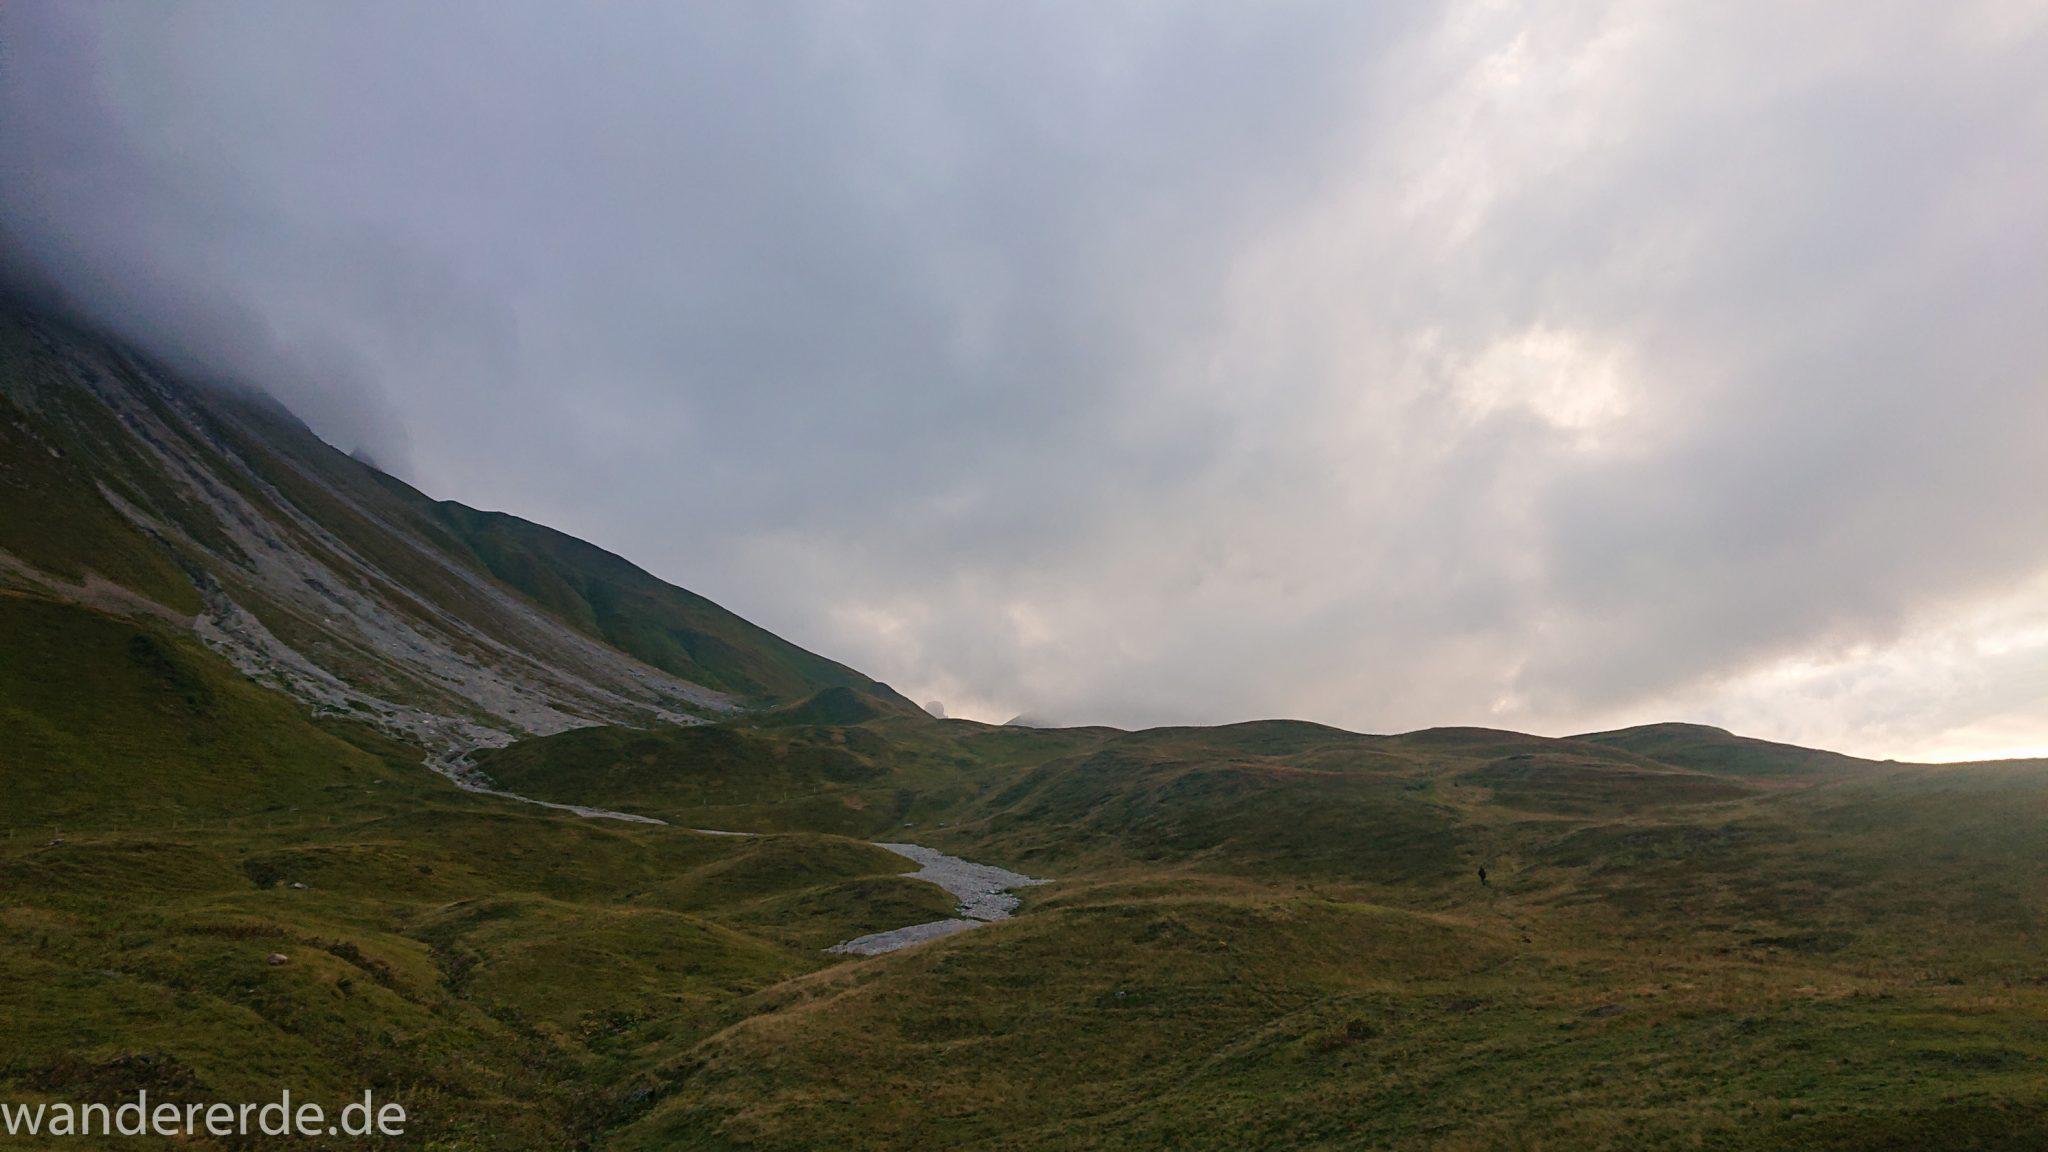 Alpenüberquerung Fernwanderweg E5 Oberstdorf Meran, 1. Etappe von Oberstdorf zur Kemptner Hütte, Ausblick bei der Kemptner Hütte auf die umliegenden schönen Berge, teilweise in Wolken gehüllt, kurz vor Sonnenuntergang